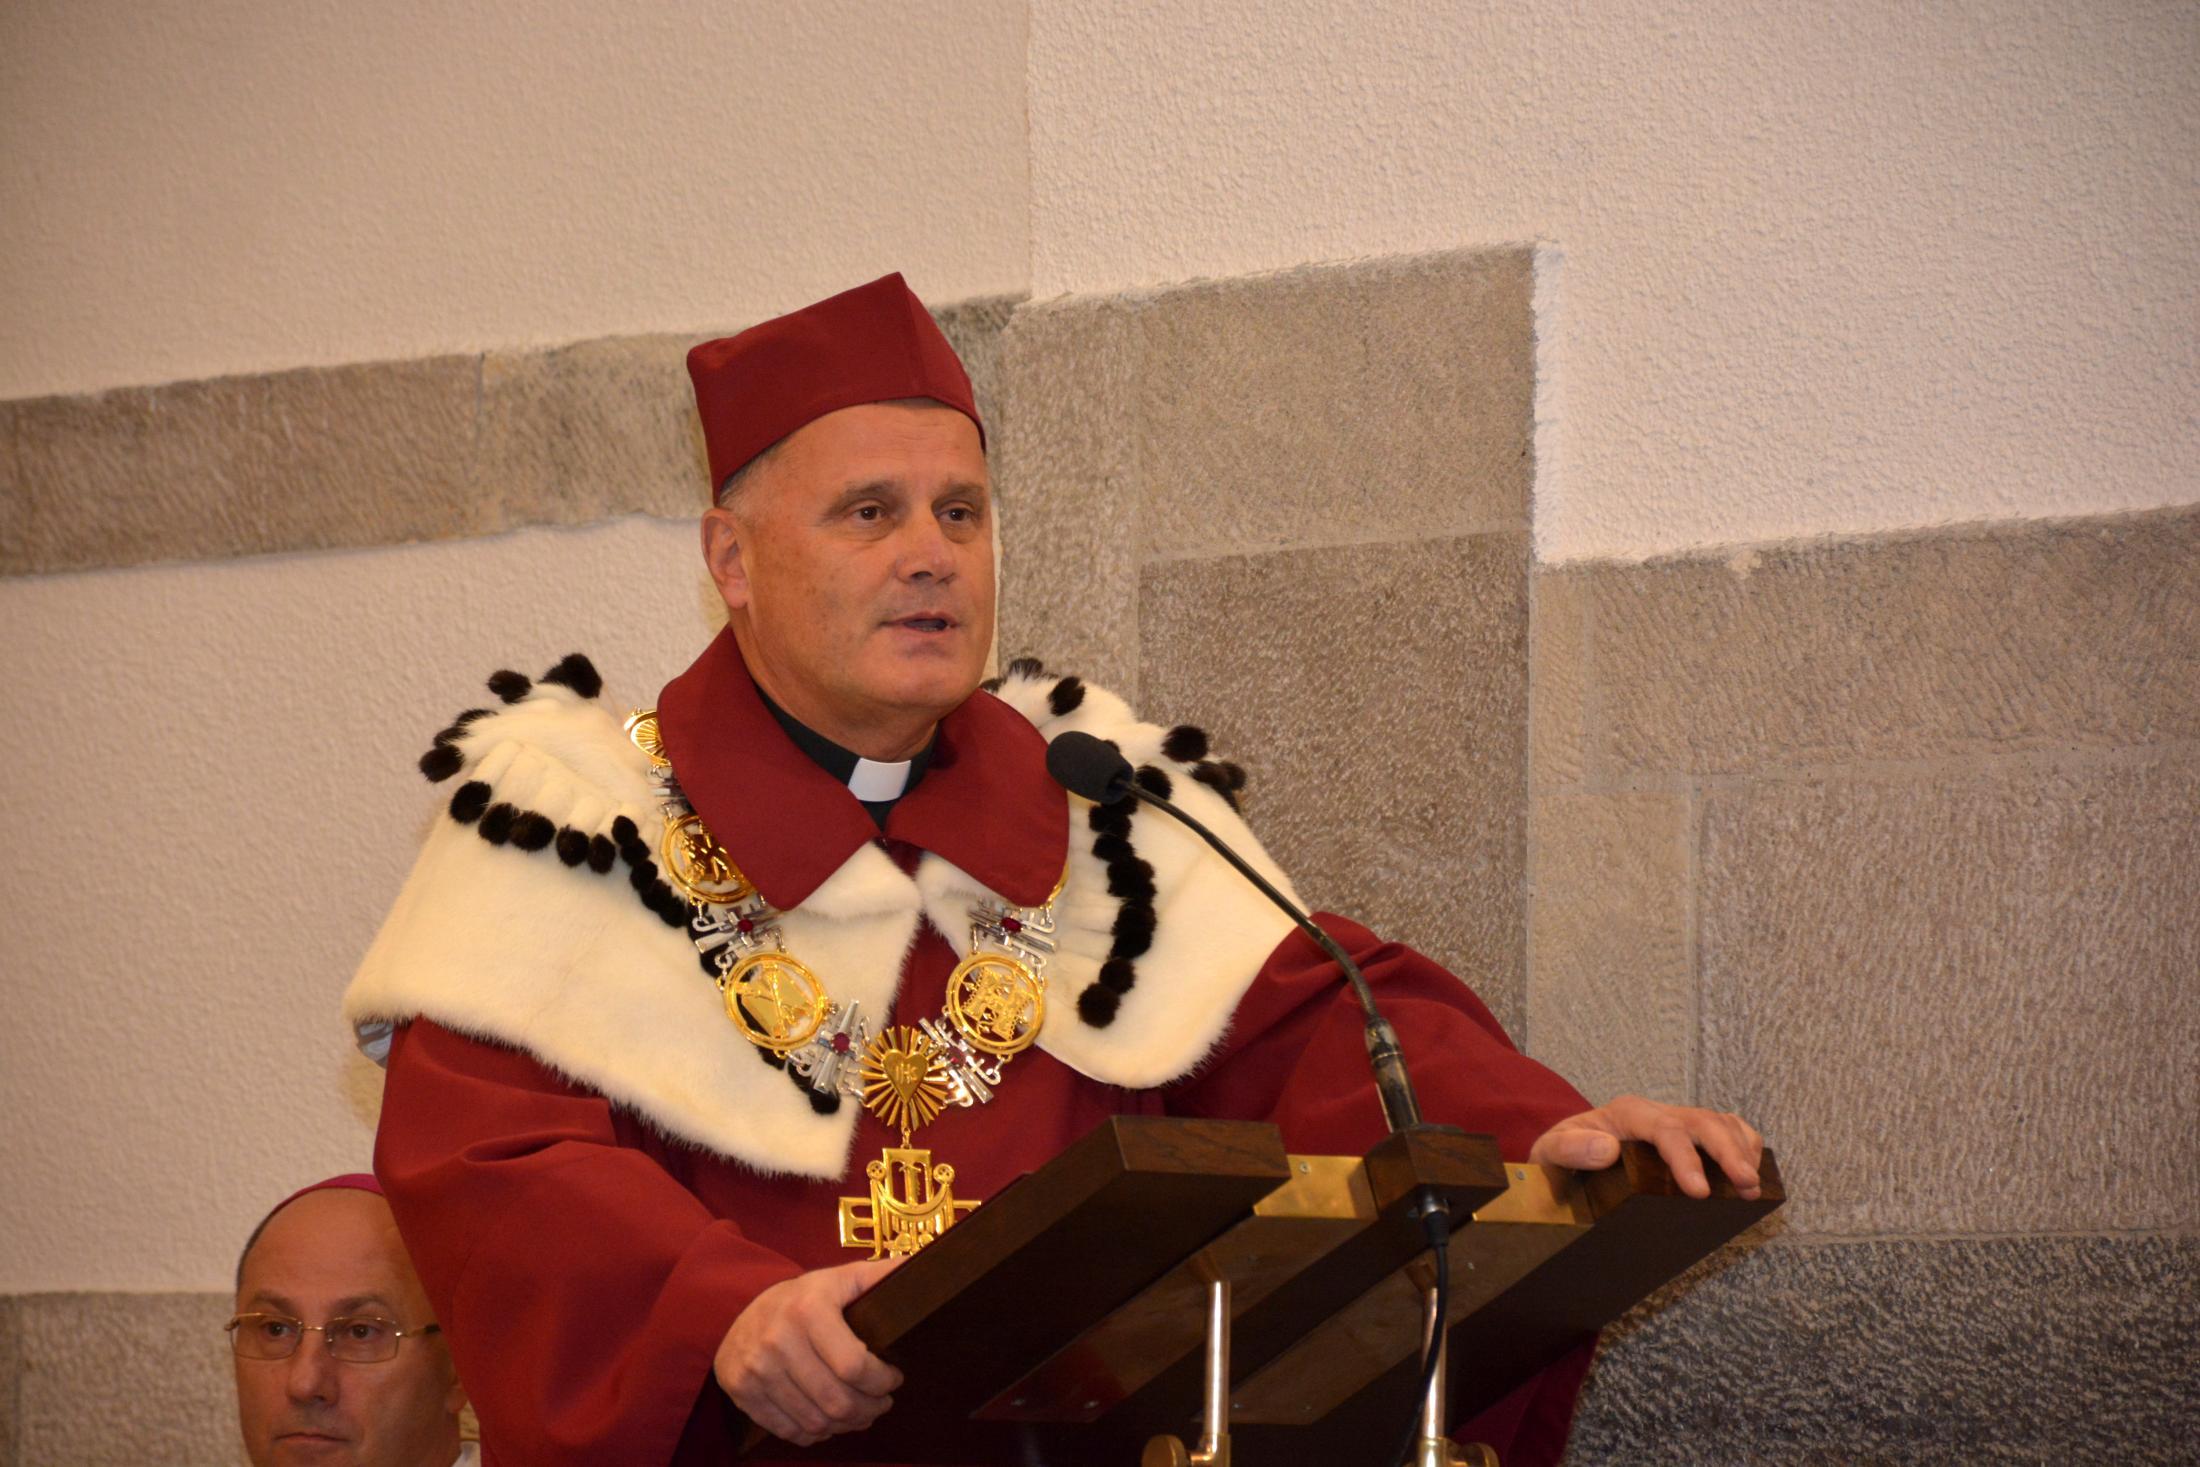 059-377-zebranie-plenarne-kul-msza-lublin-14102017-marek-ku_37648937346_o